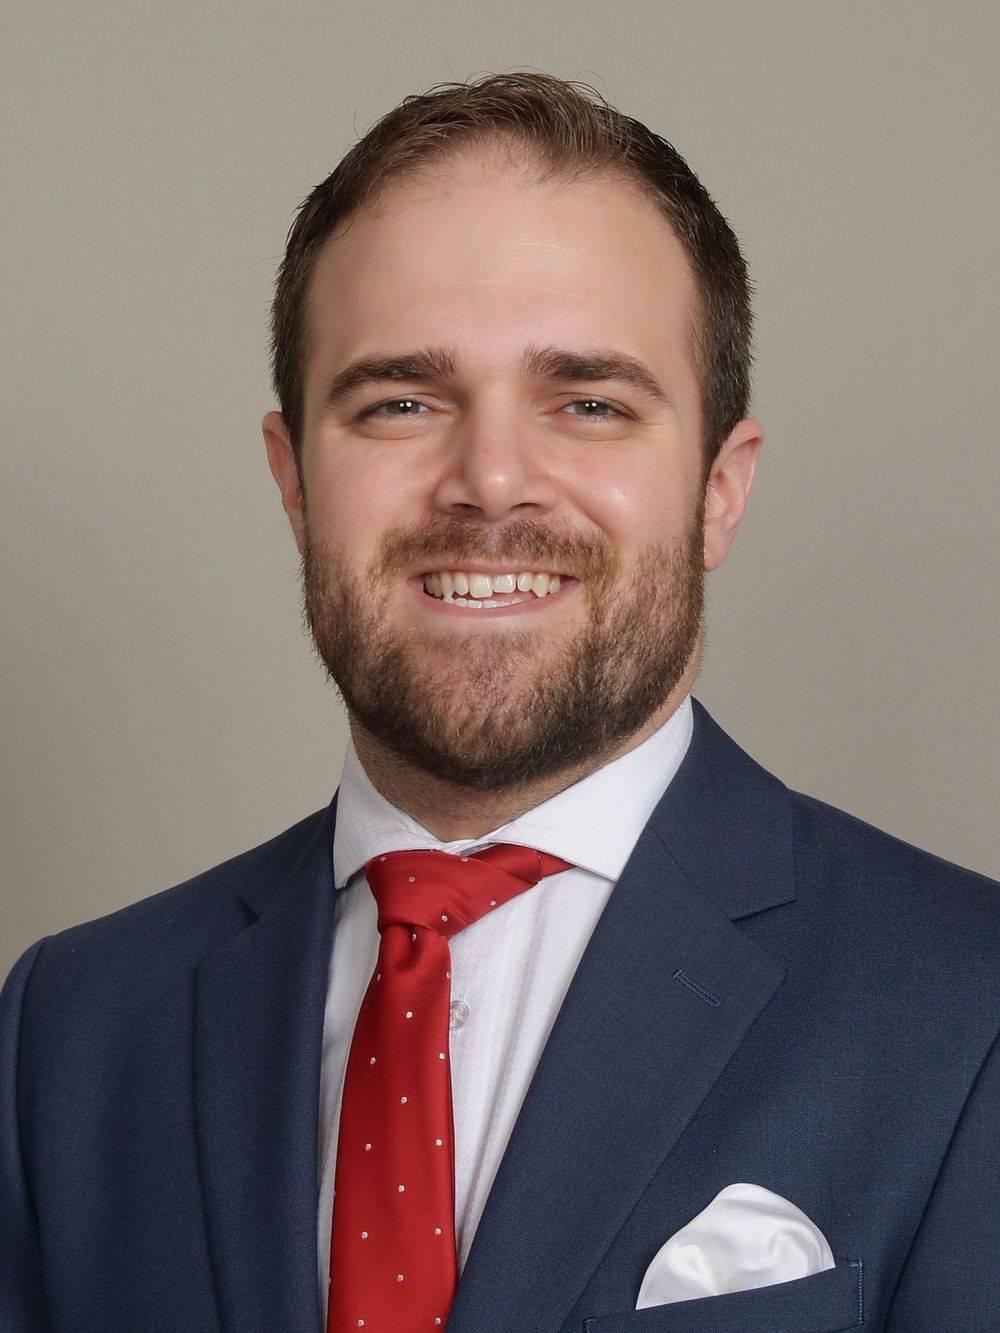 Tulsa Attorney, Matthew Day